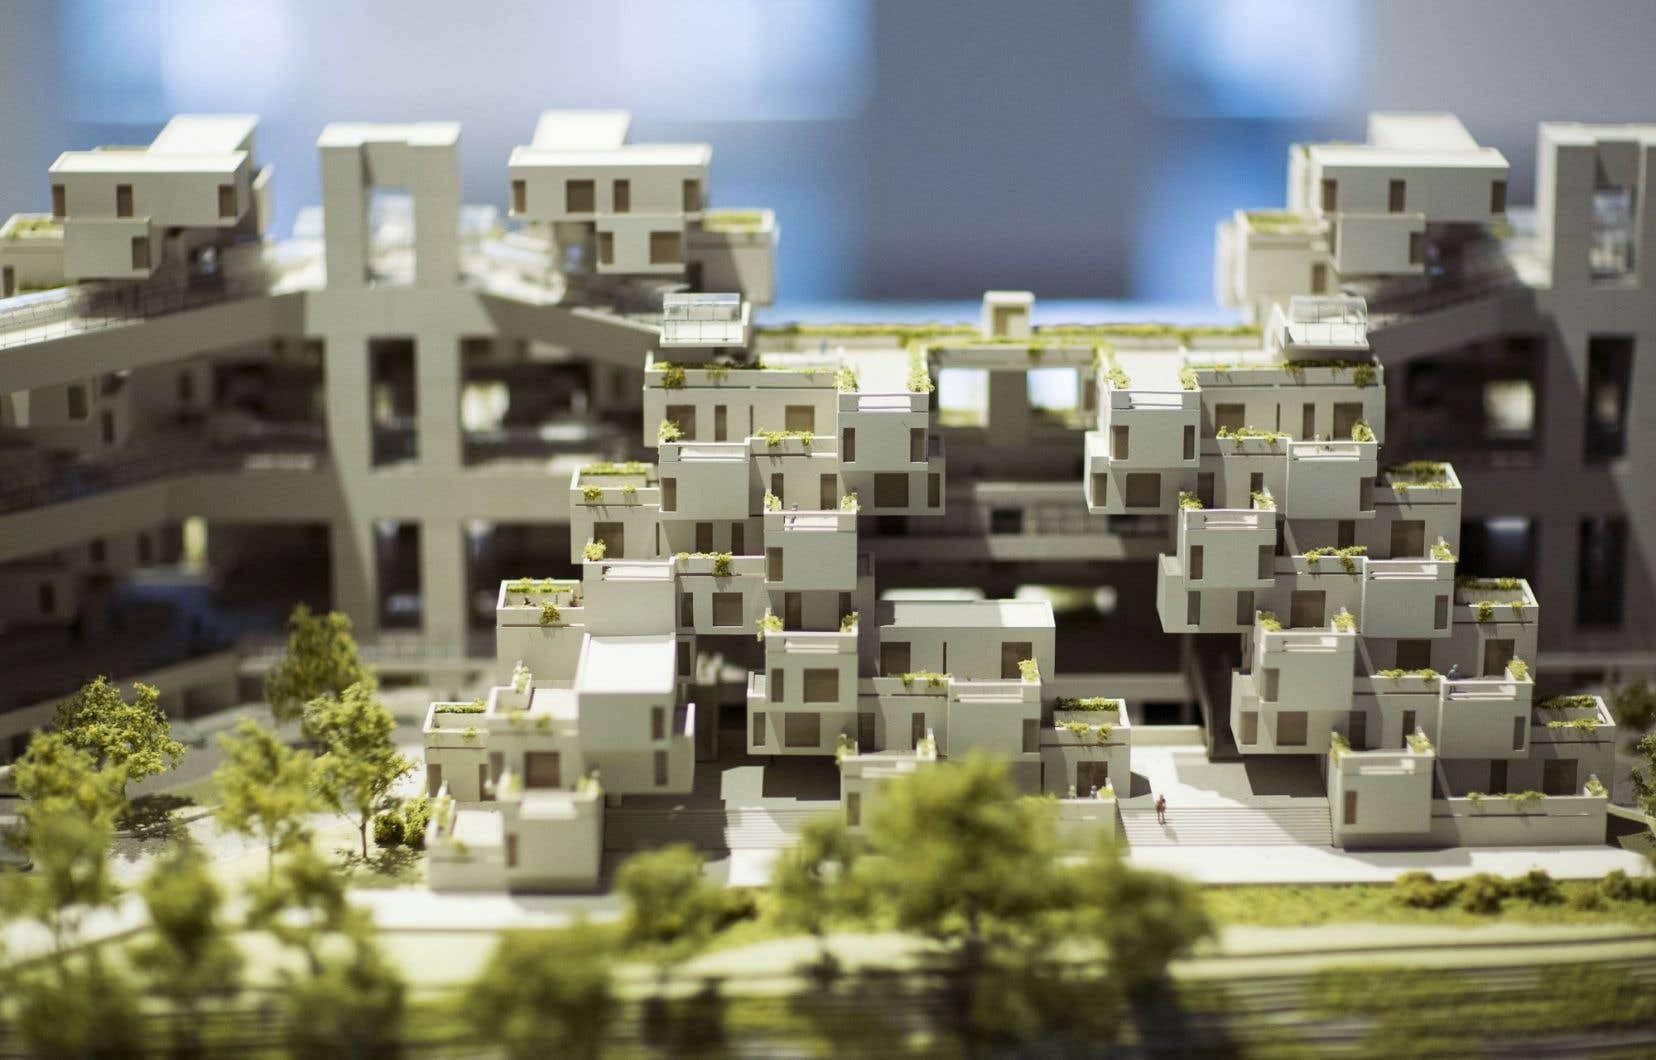 Une maquette qu'on peut voir à l'exposition consacrée à Habitat 67